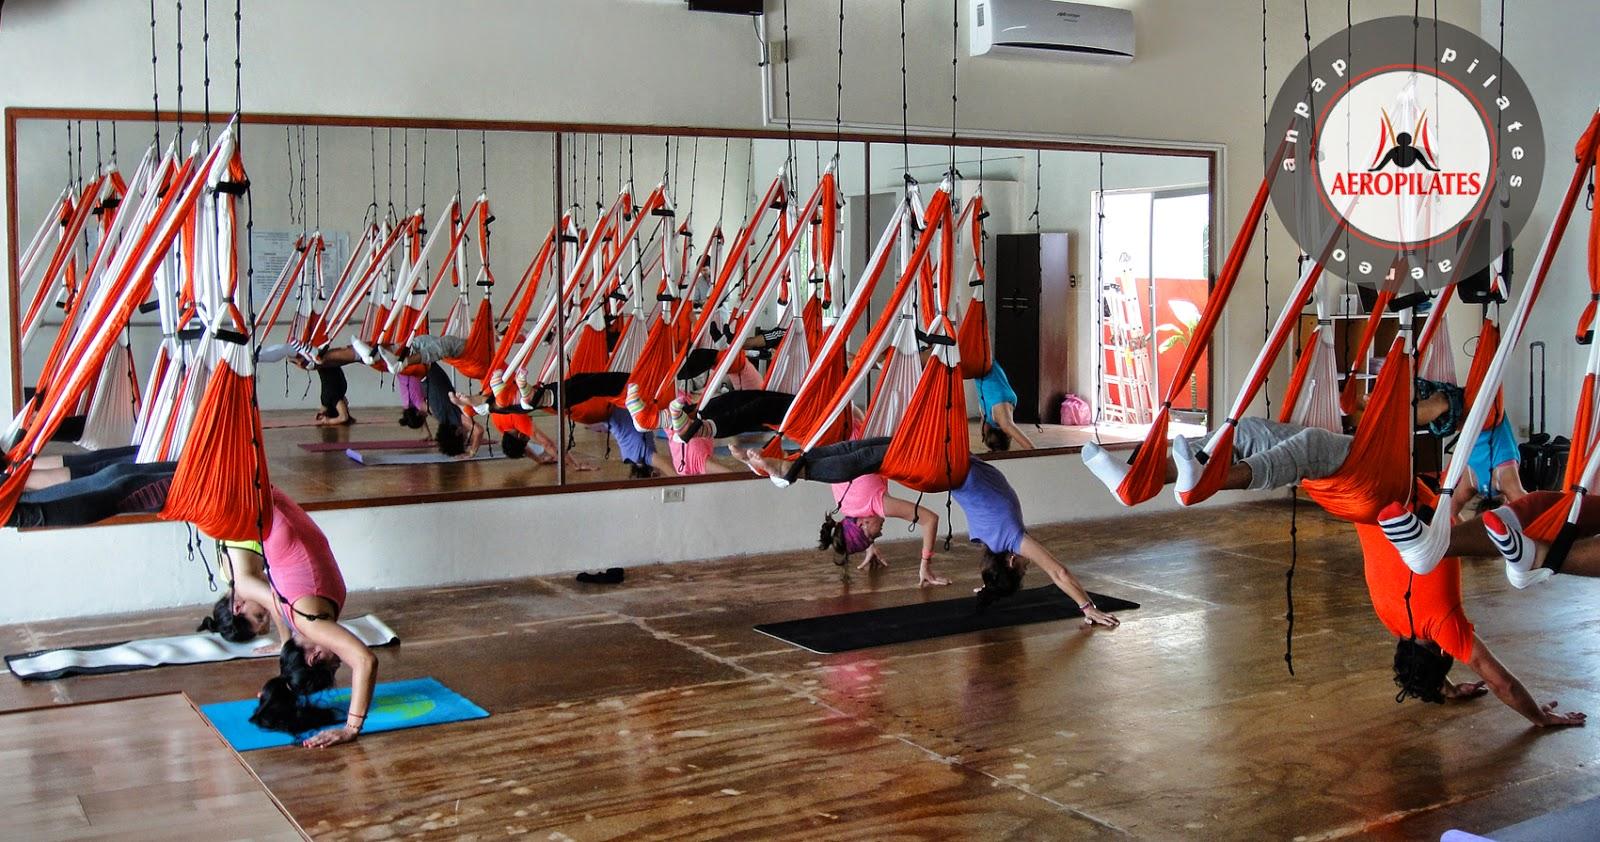 fitnessaereo.com.br